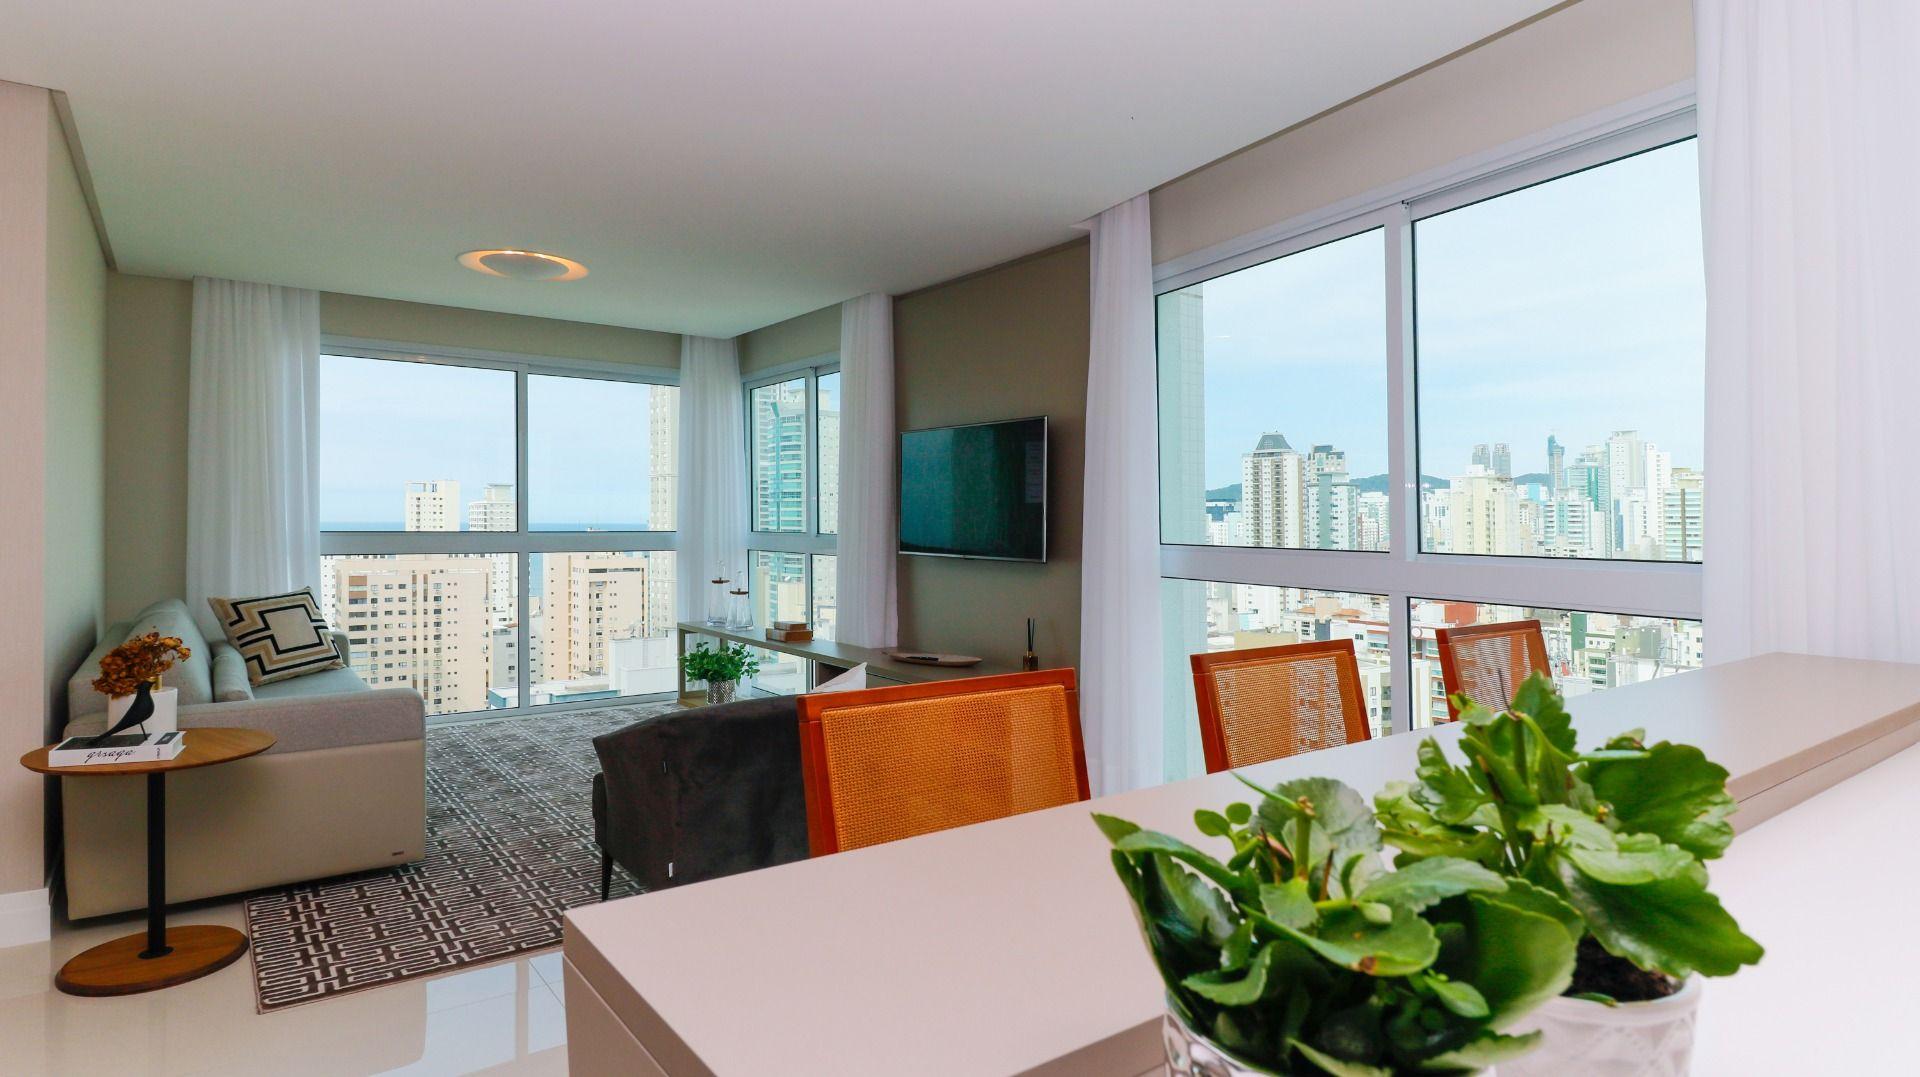 Apartamento Decorado no Splendia Tower em Balneário Camboriú